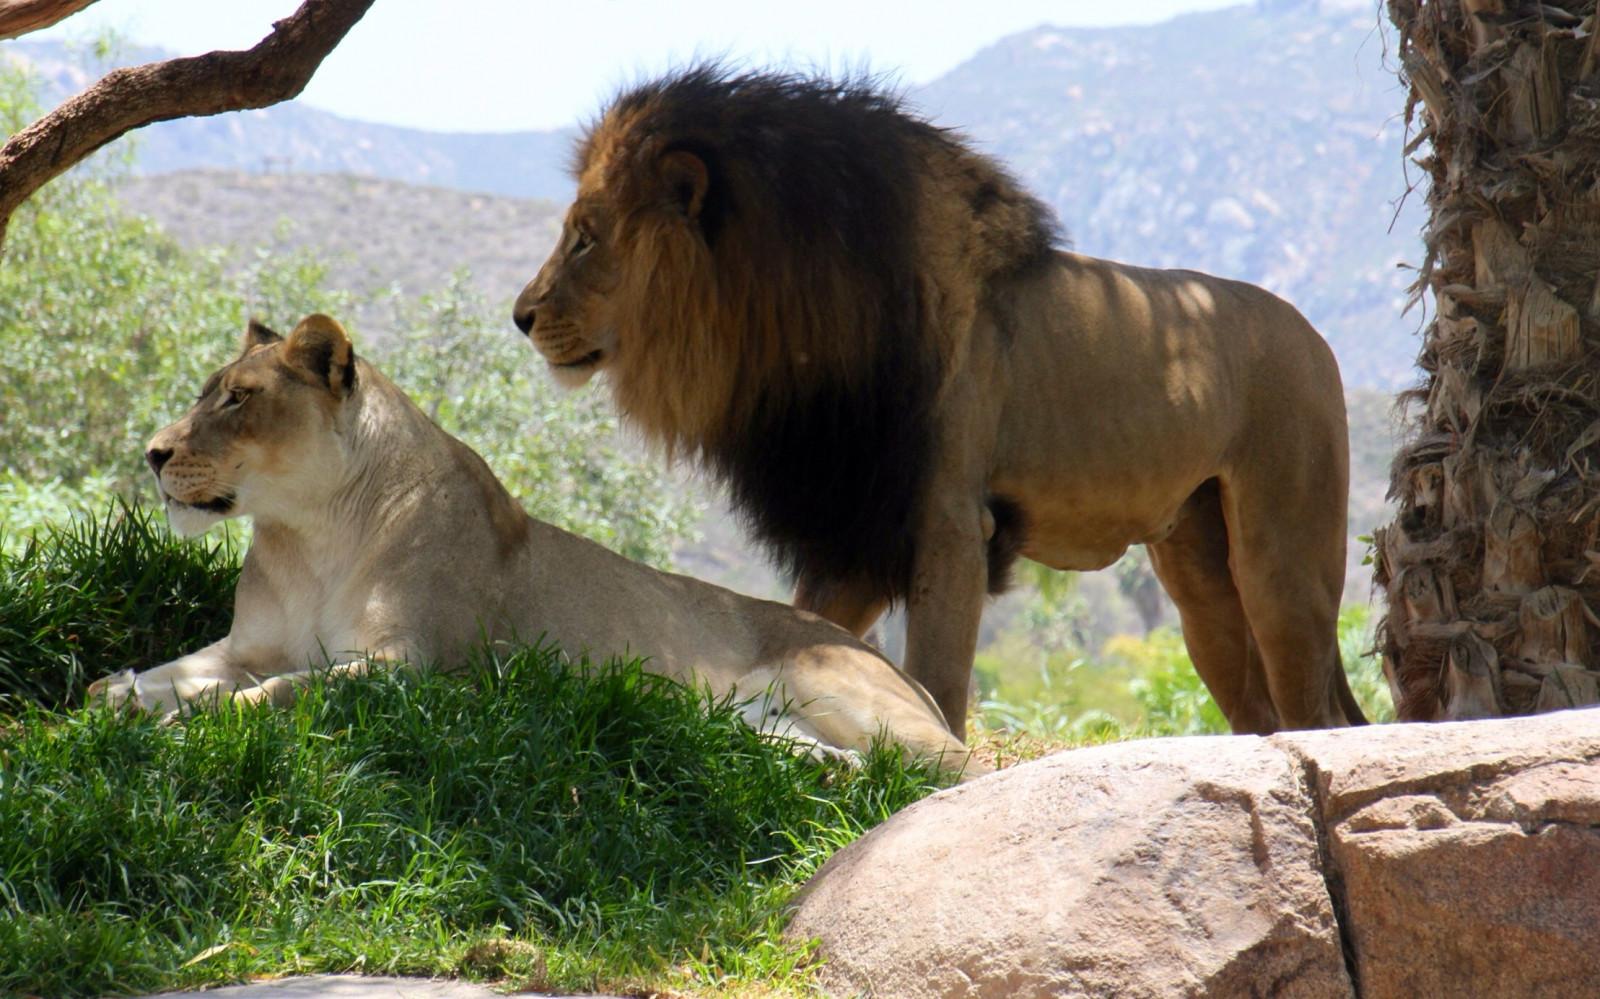 узнать картинки на рабочий лев на природе несколько лет после